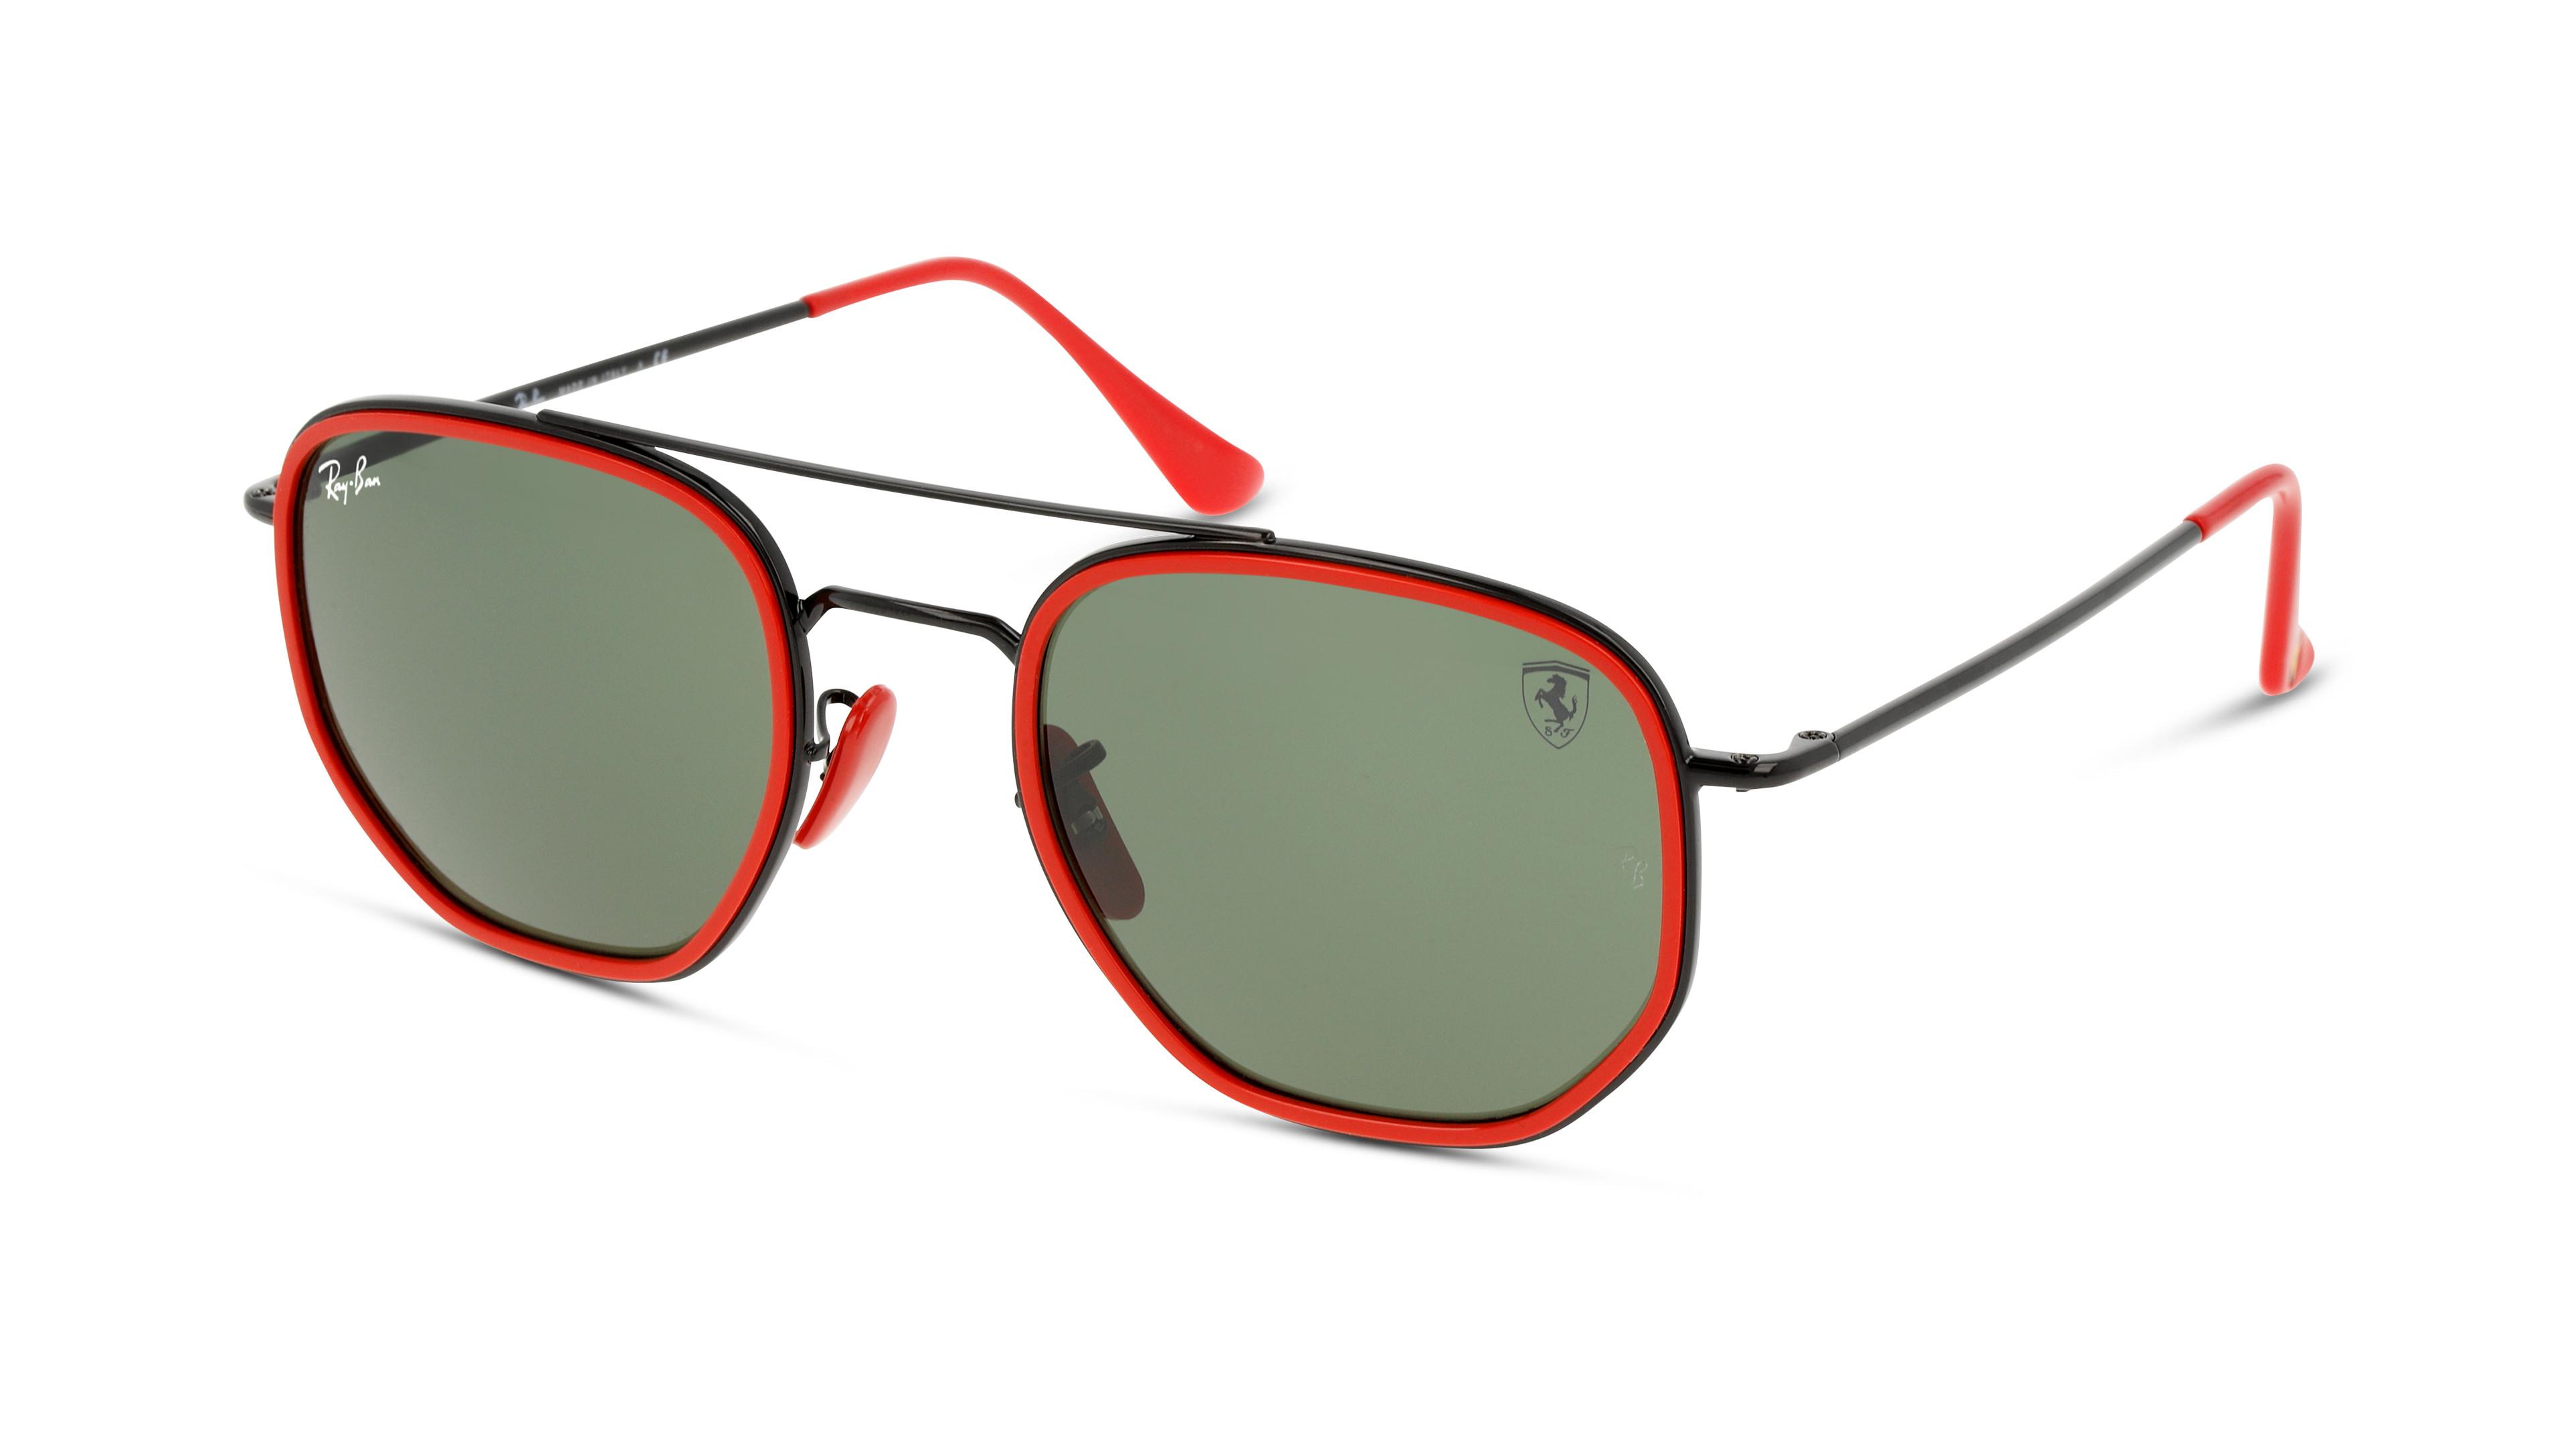 8056597148320-angle-Ray-Ban-Sonnenbrille-0rb3748m-Scuderia-Ferrari-Edition